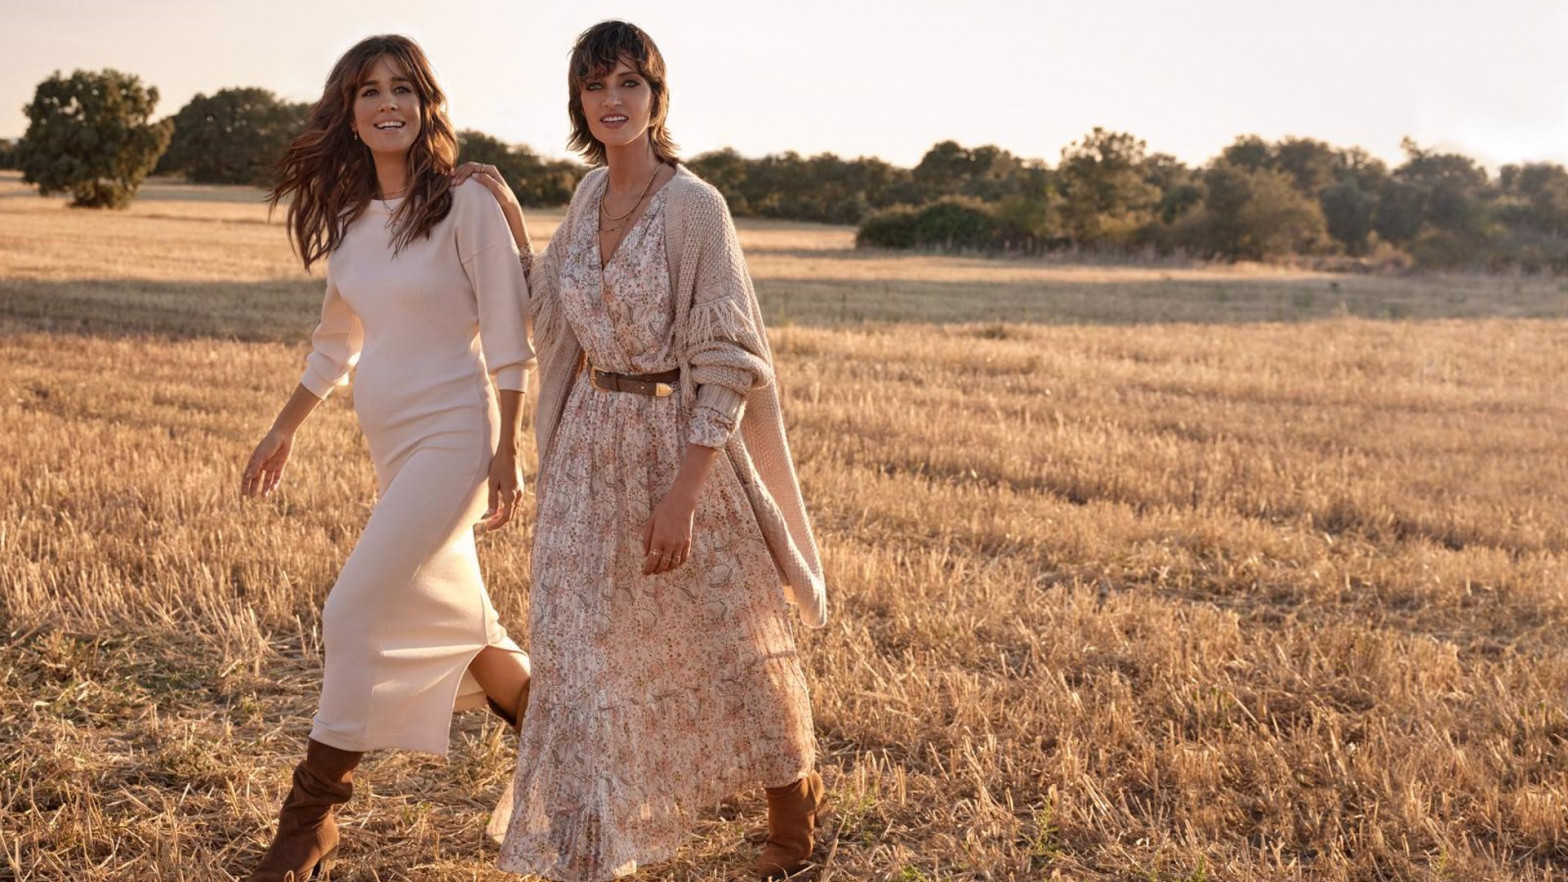 El dueño de Cortefiel y Women'secret compra la marca de Sara Carbonero e Isabel Jiménez